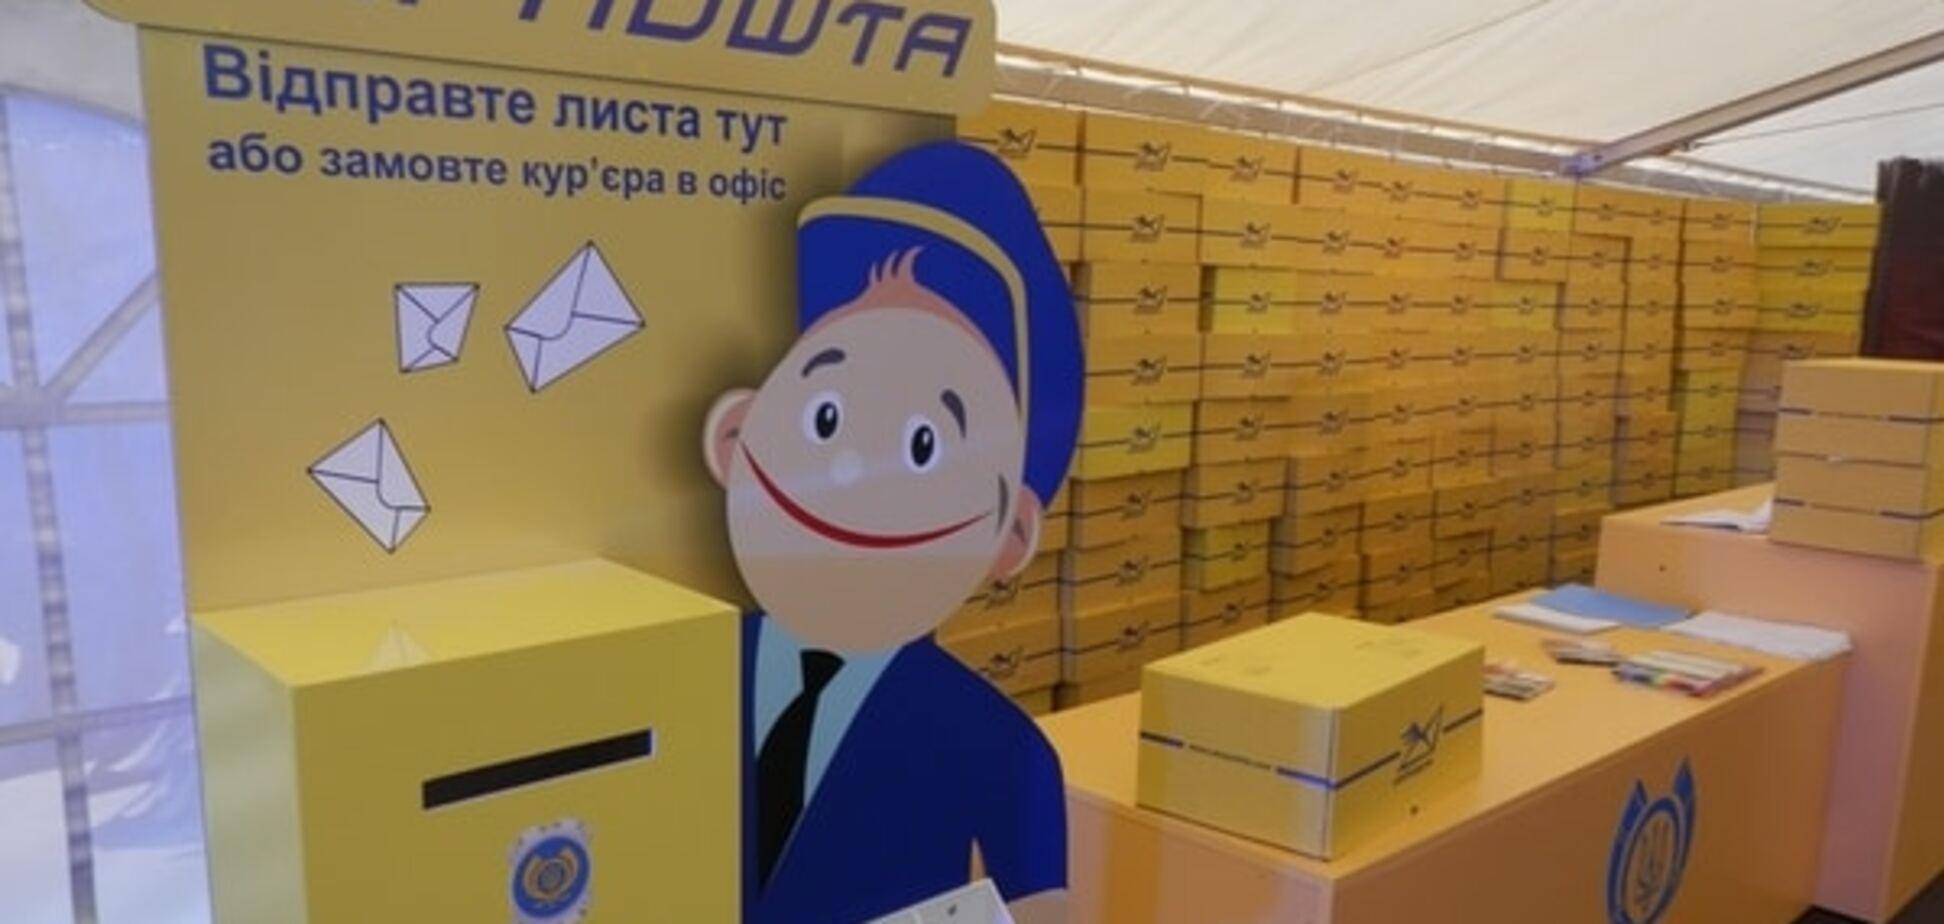 'Укрпошті' загрожує банкрутство і приватизація - журналіст